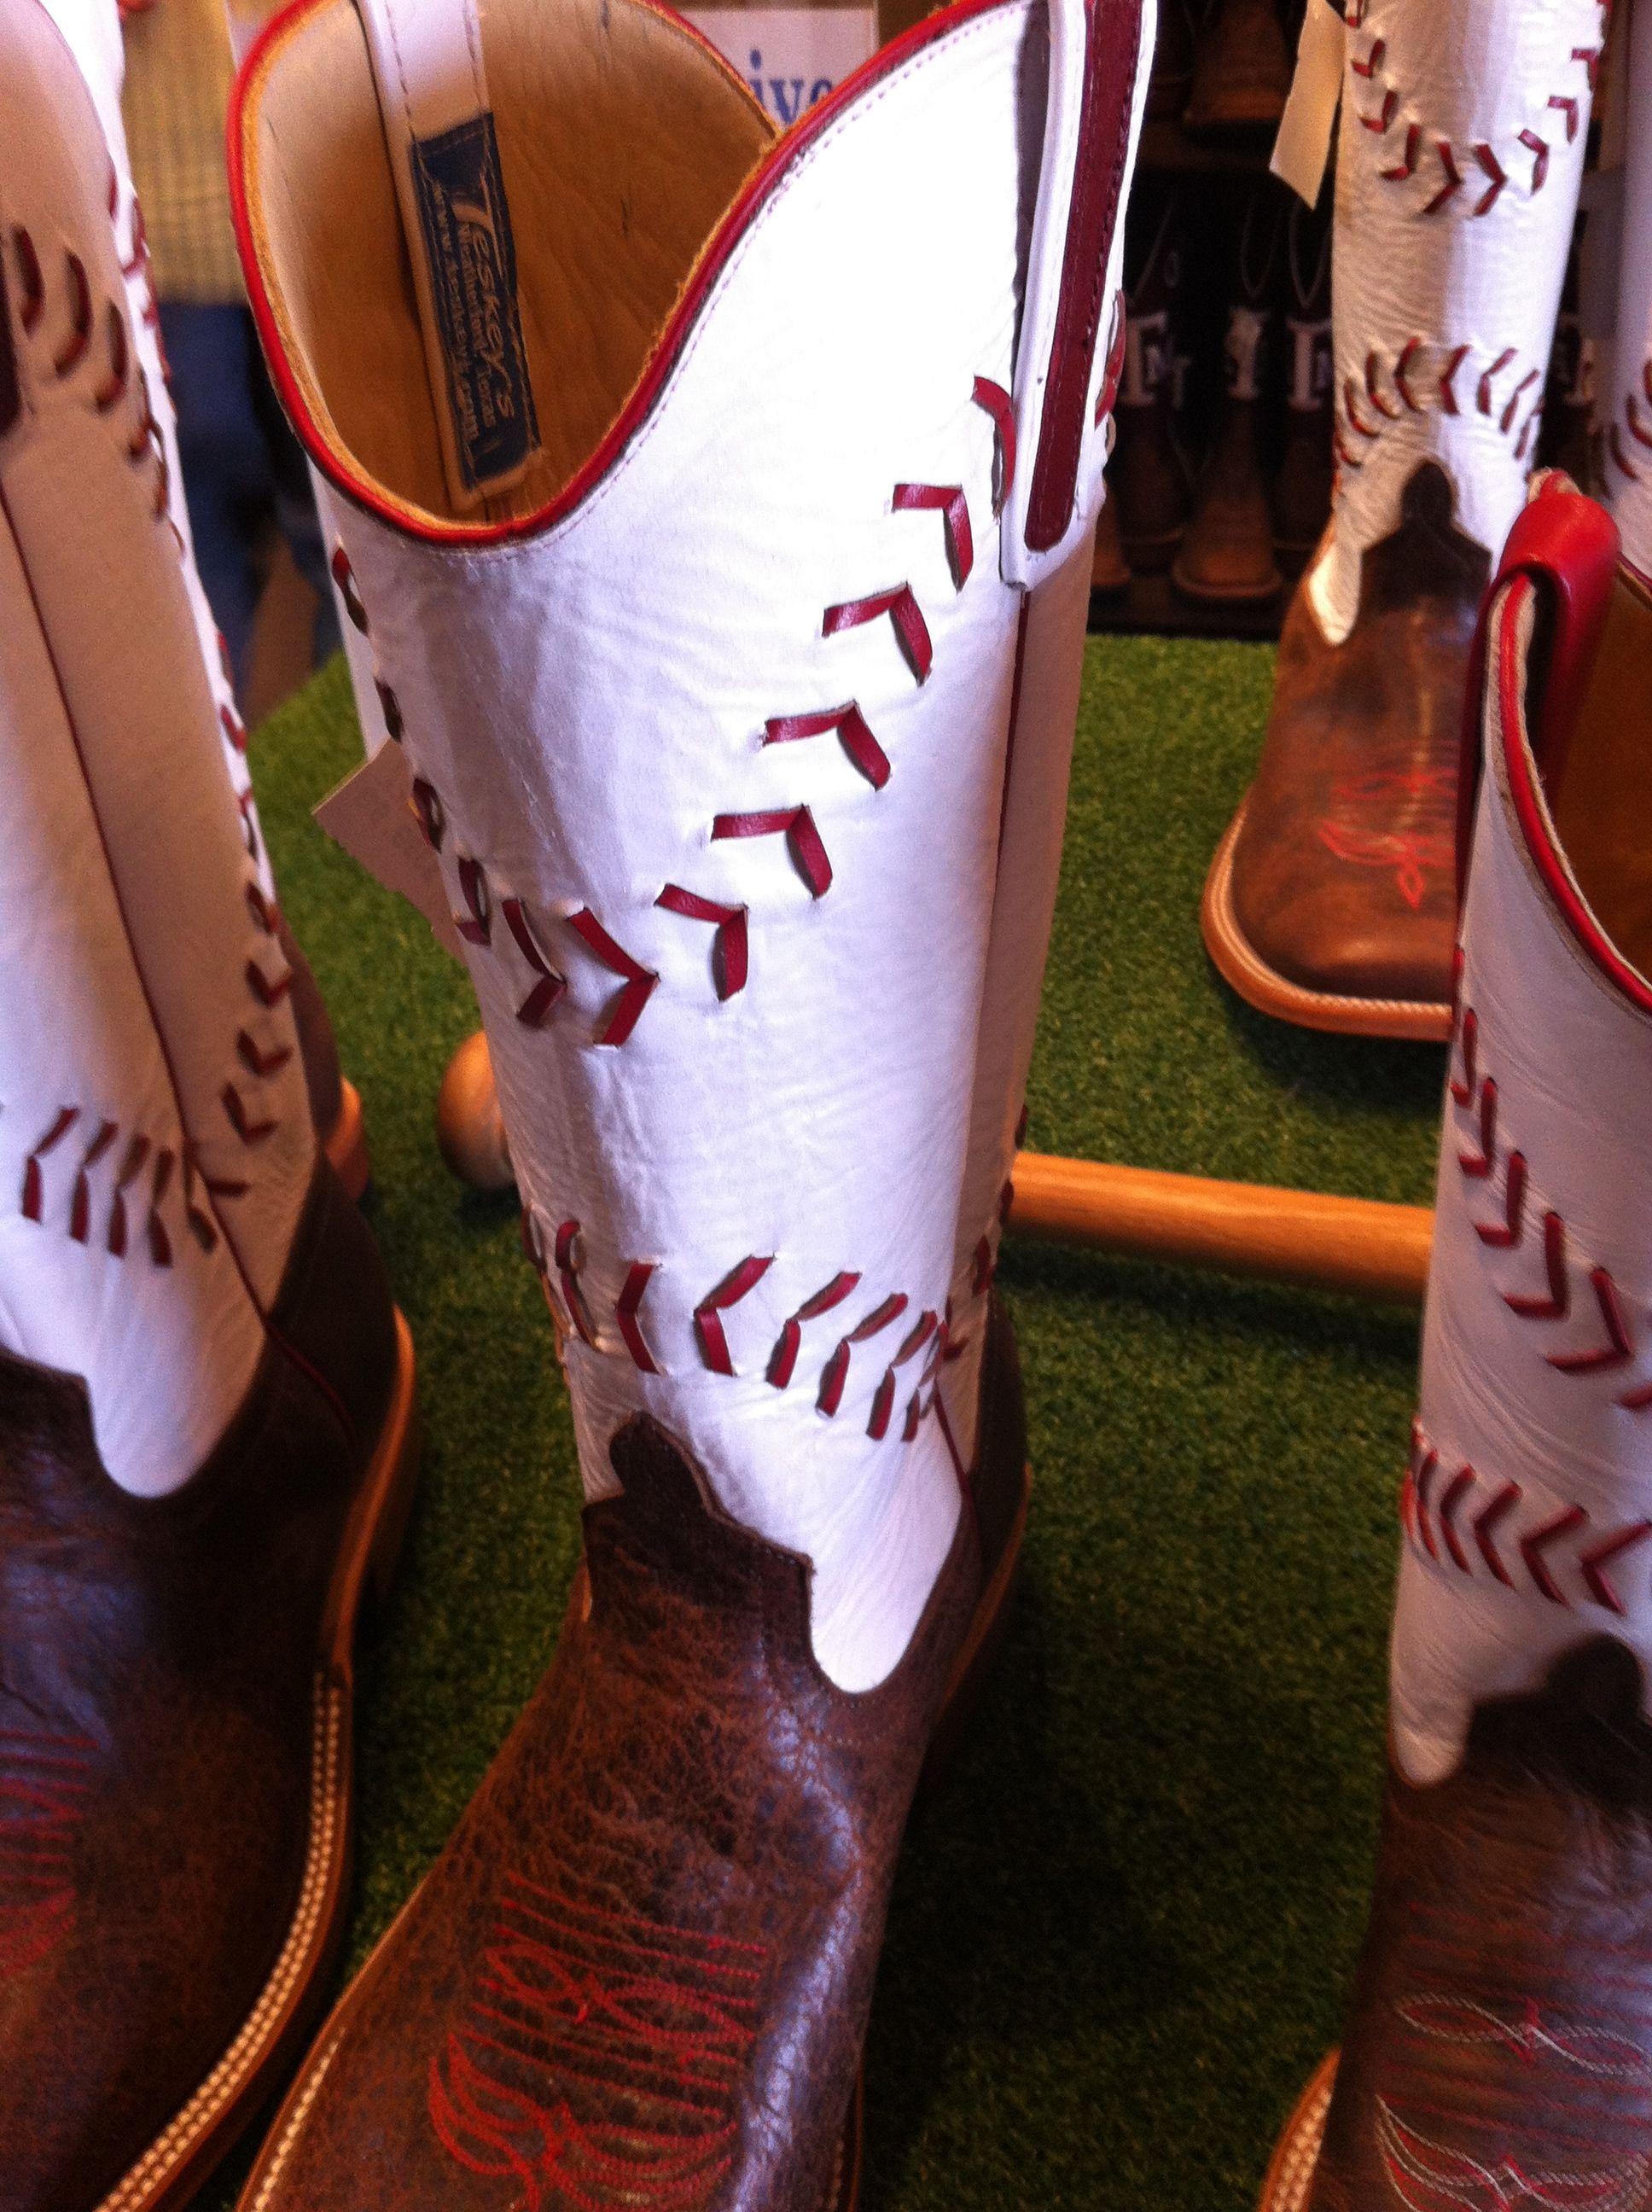 aae619c6854 Baseball Top Cowboy Boots! I want a pair so bad! | Sports | Baseball ...